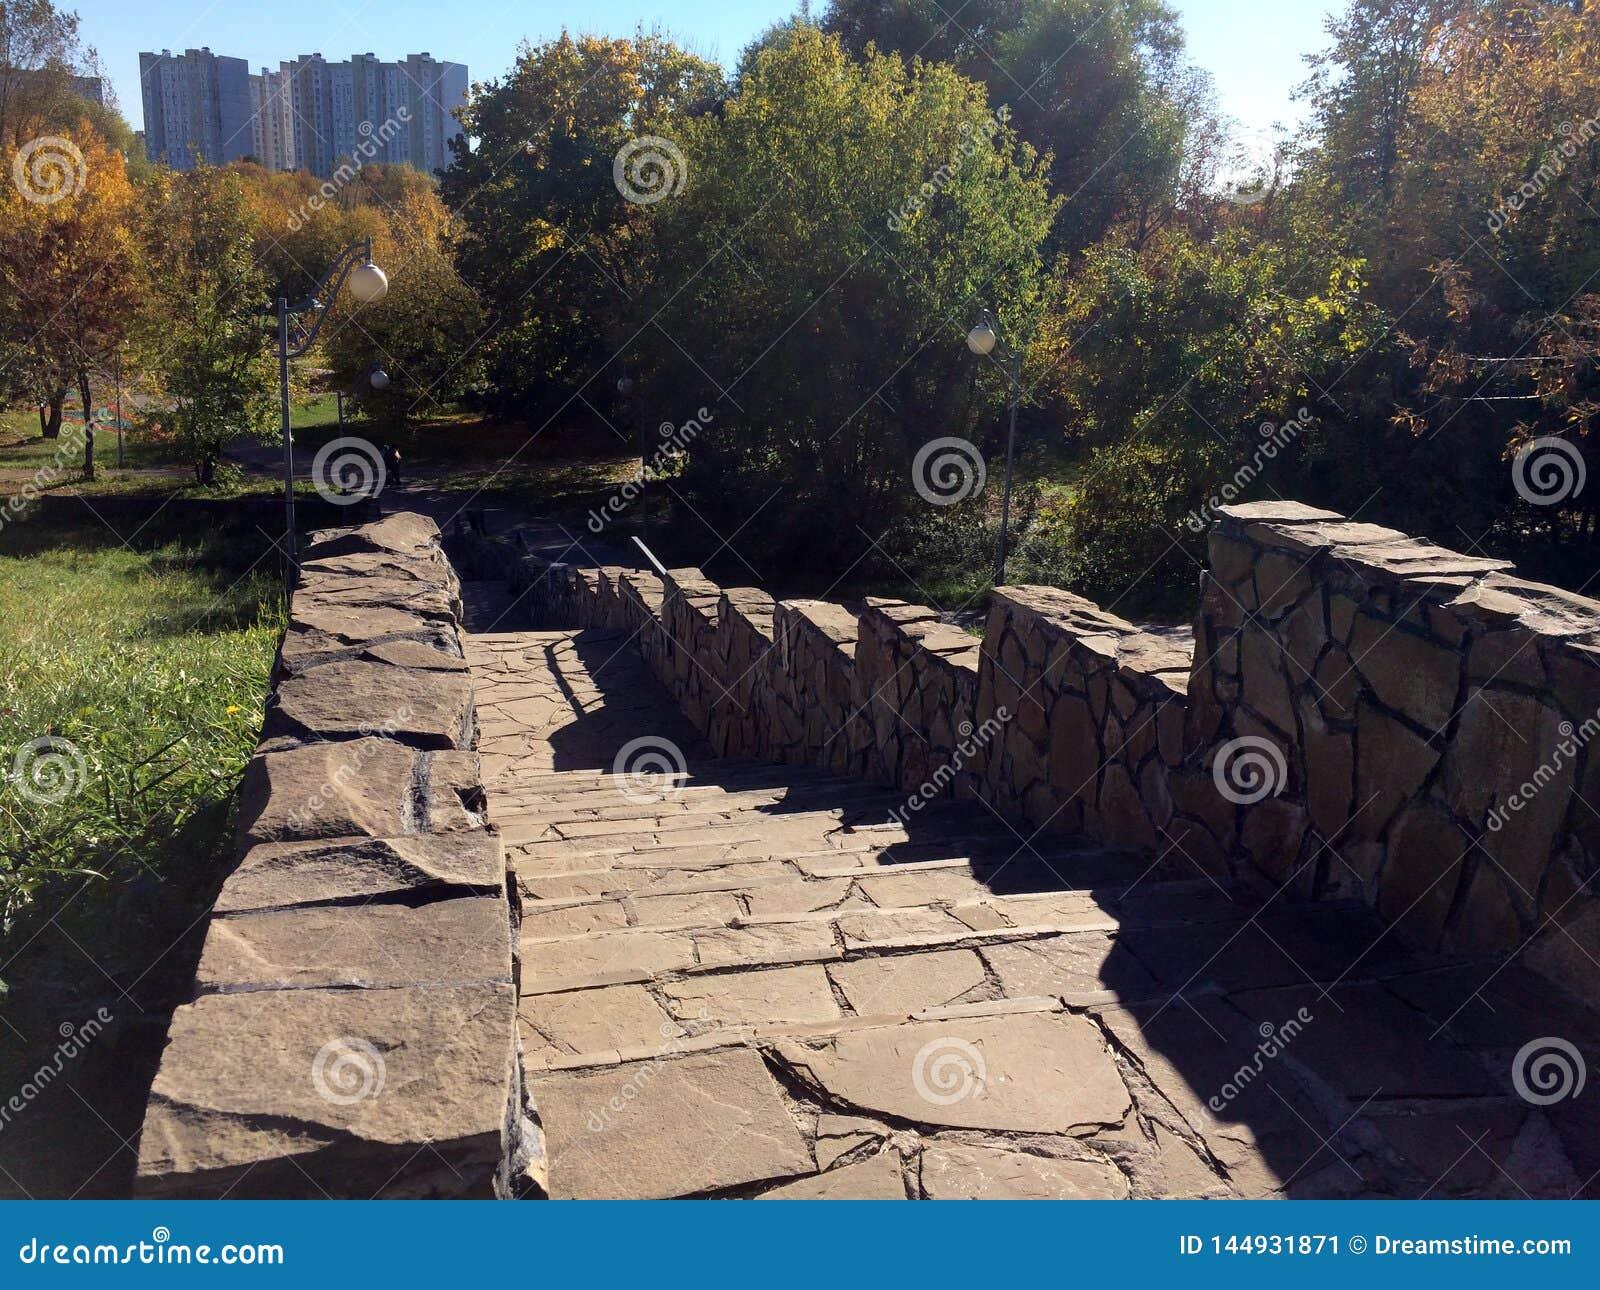 Stairway in the autumn park